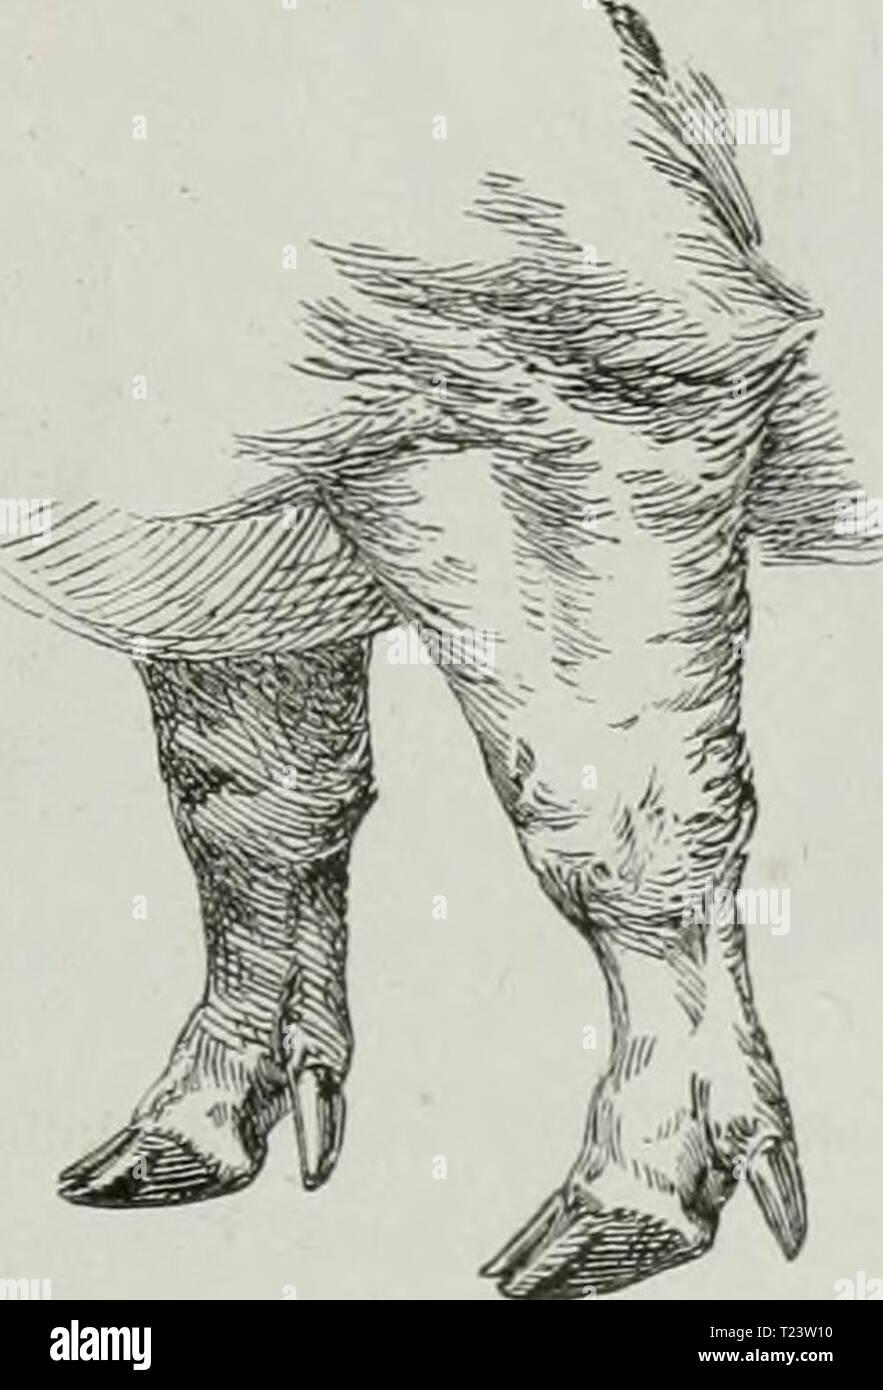 Image d'archive à partir de la page 278 de Die Thierzucht Thierzucht (1886) Die diethierzucht settuoft Année: 188600Normale Vorderbeine des Schweines. Wünscht. Dagegen wird die kürzere dieselbe Fessel, wenn nur der Bieg- Banque D'Images